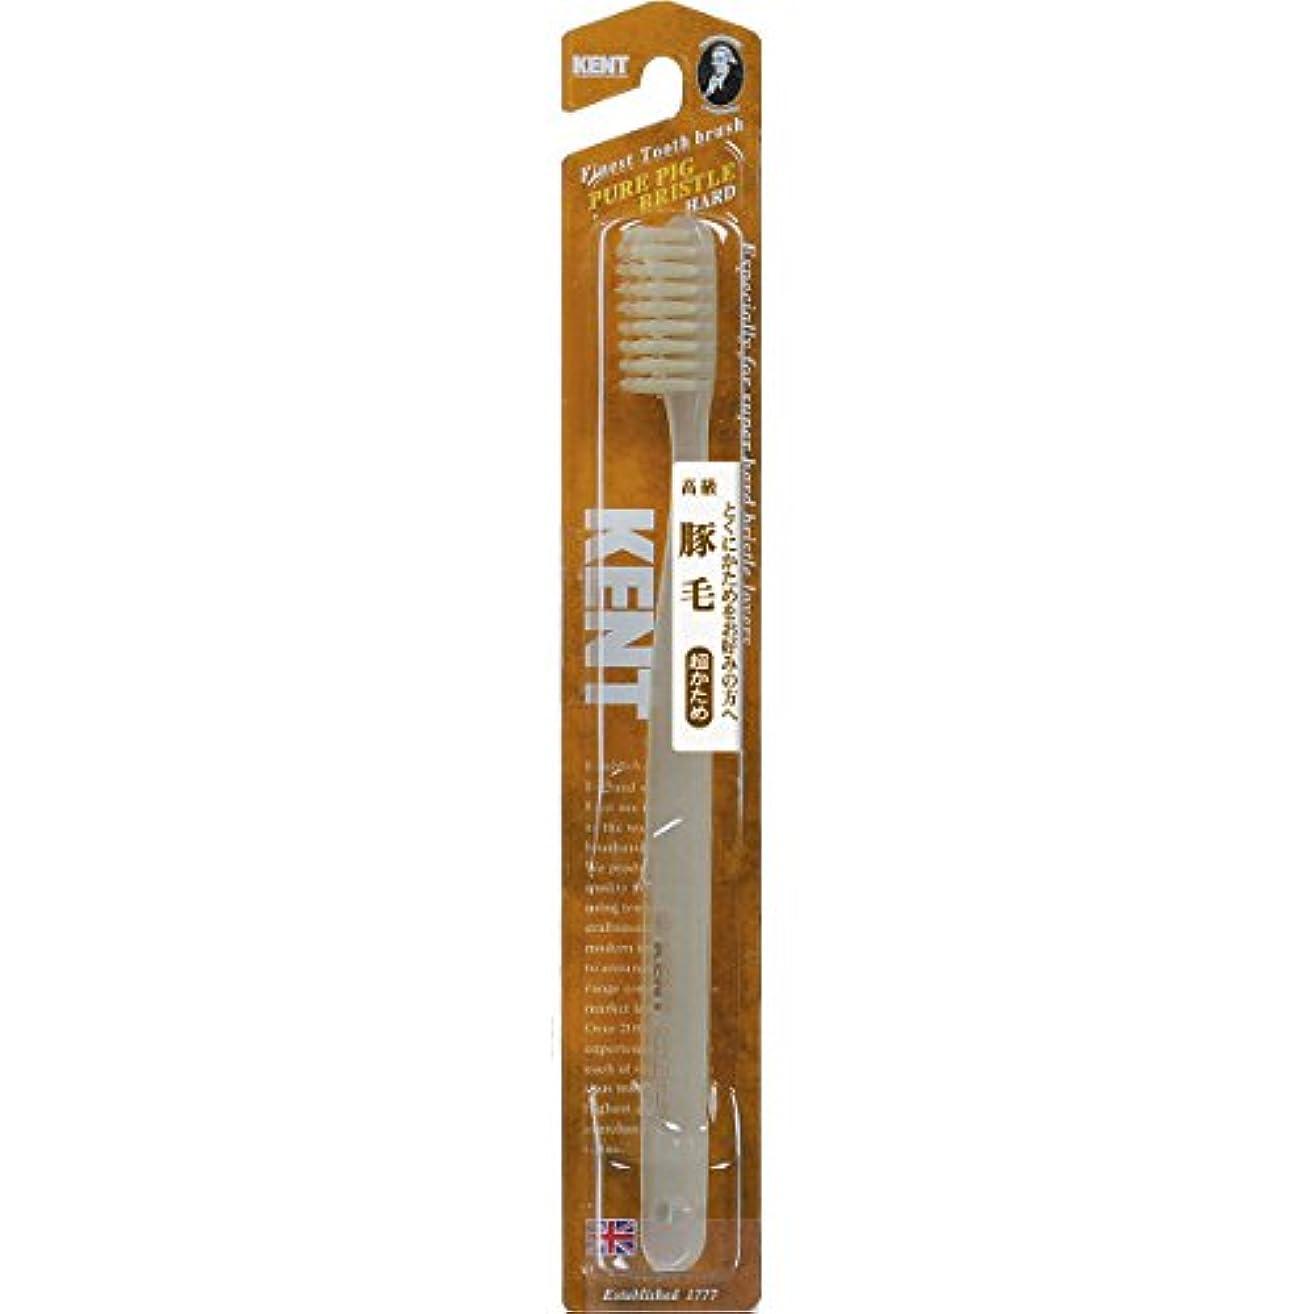 流用するウォーターフロント対応するKENT(ケント) 豚毛歯ブラシ XH (超かため) 9セット